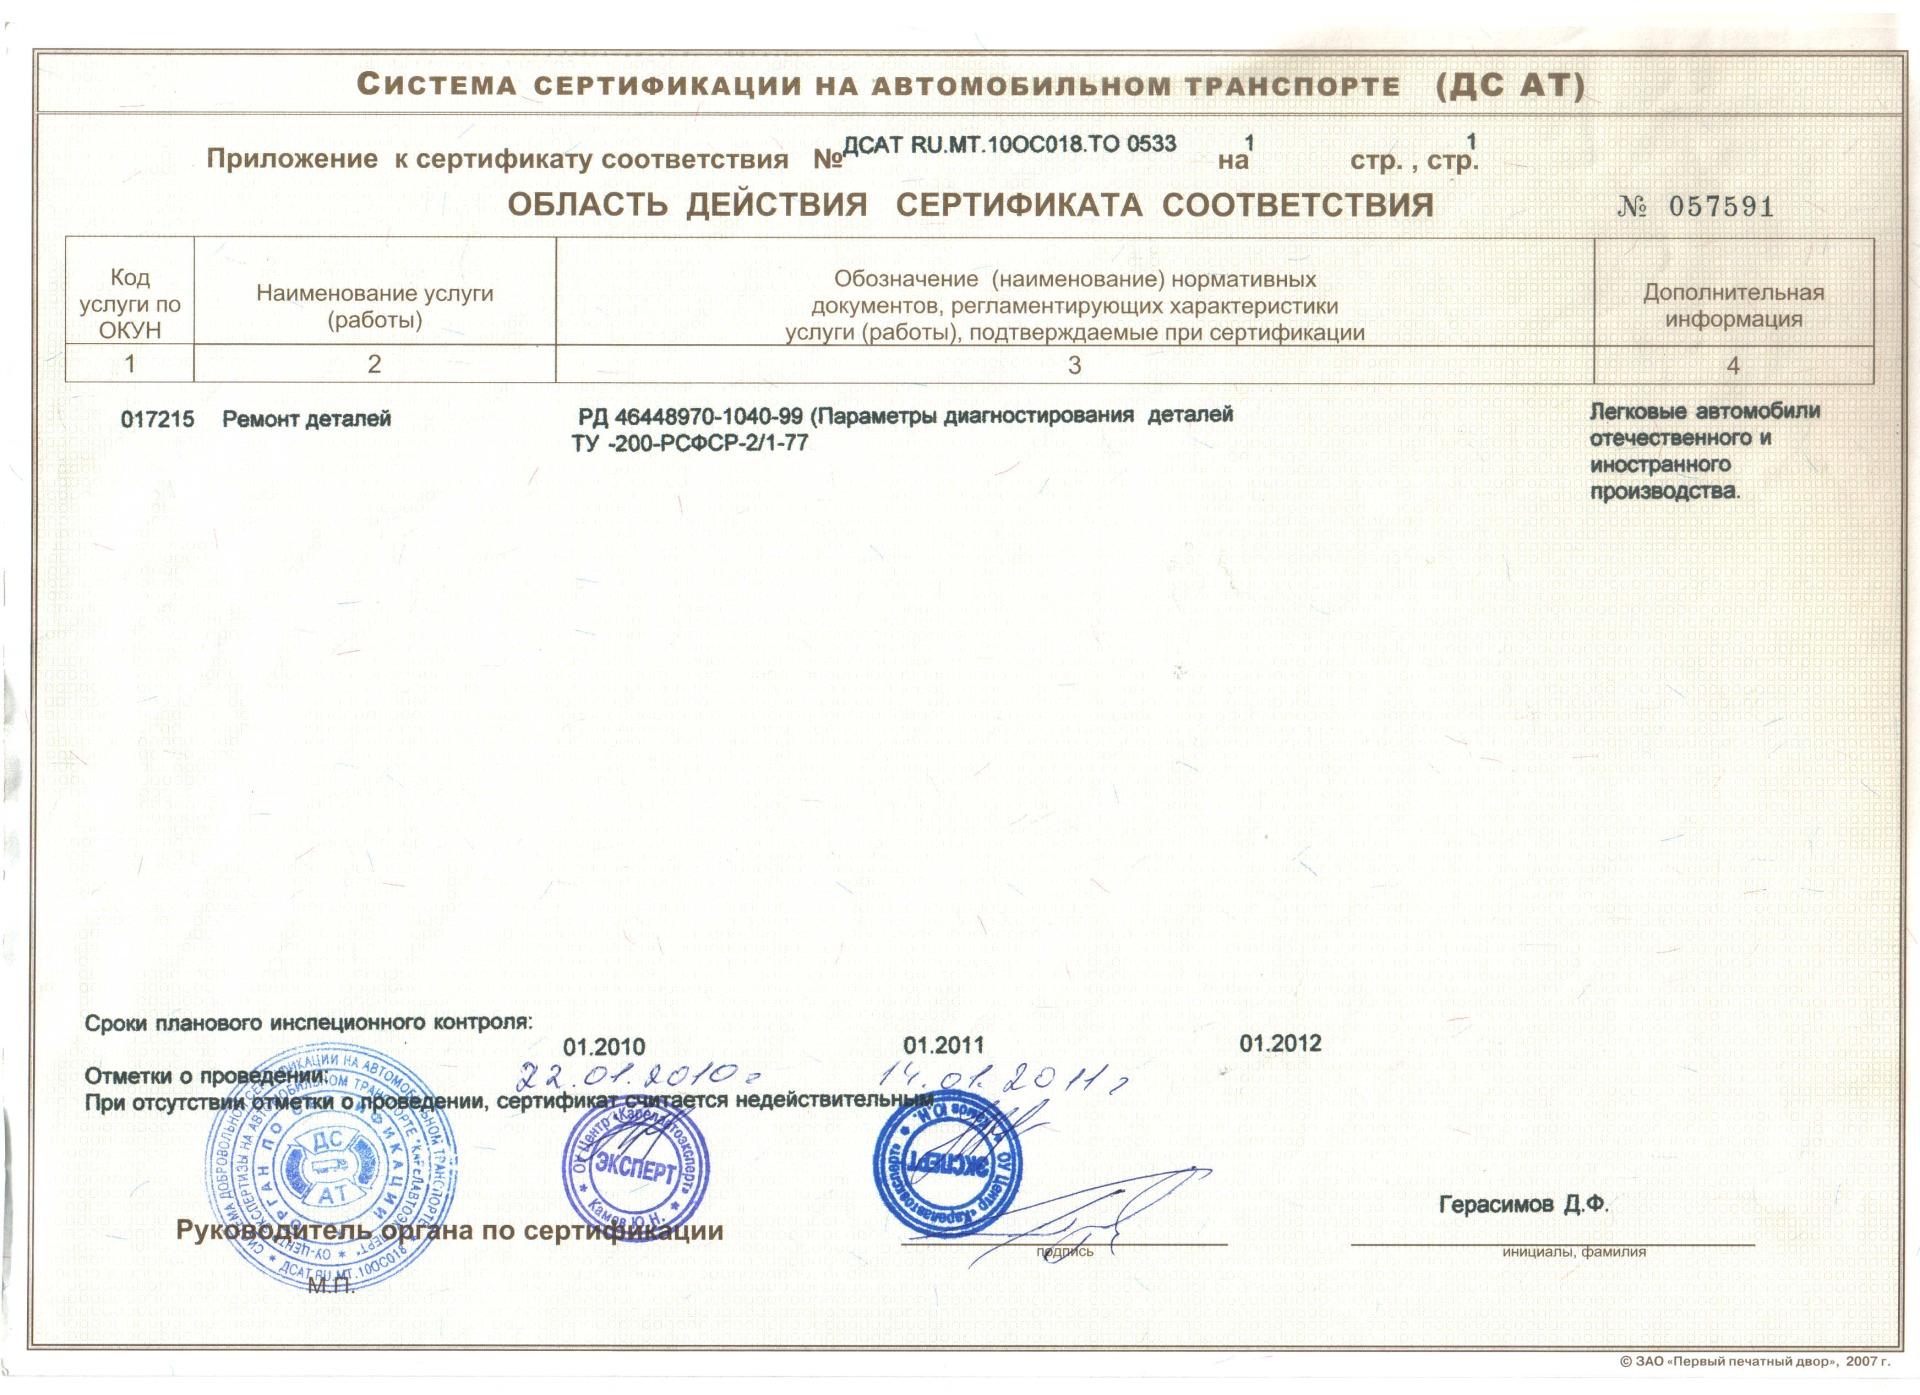 Ремонт дигателей и агрегатов Лекс Мотром Петрохаводск сертификат